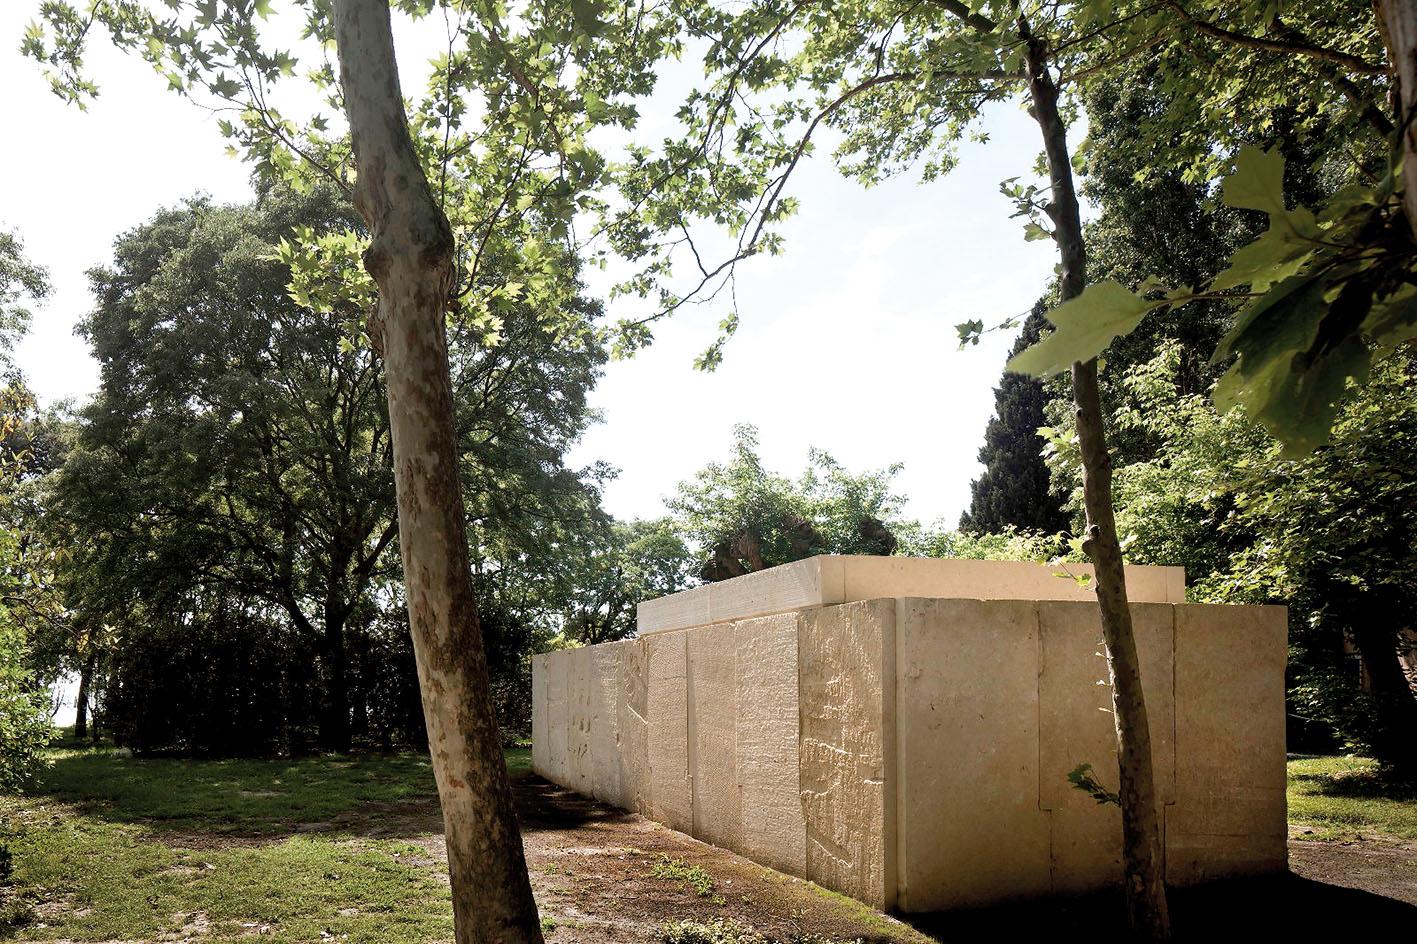 Chapelle conçue par Eduardo Souto de Moura pour le pavillon du Saint-Siège 2018. Ph. © Alessandra Chemollo/ Biennale d'architecture de Venise.